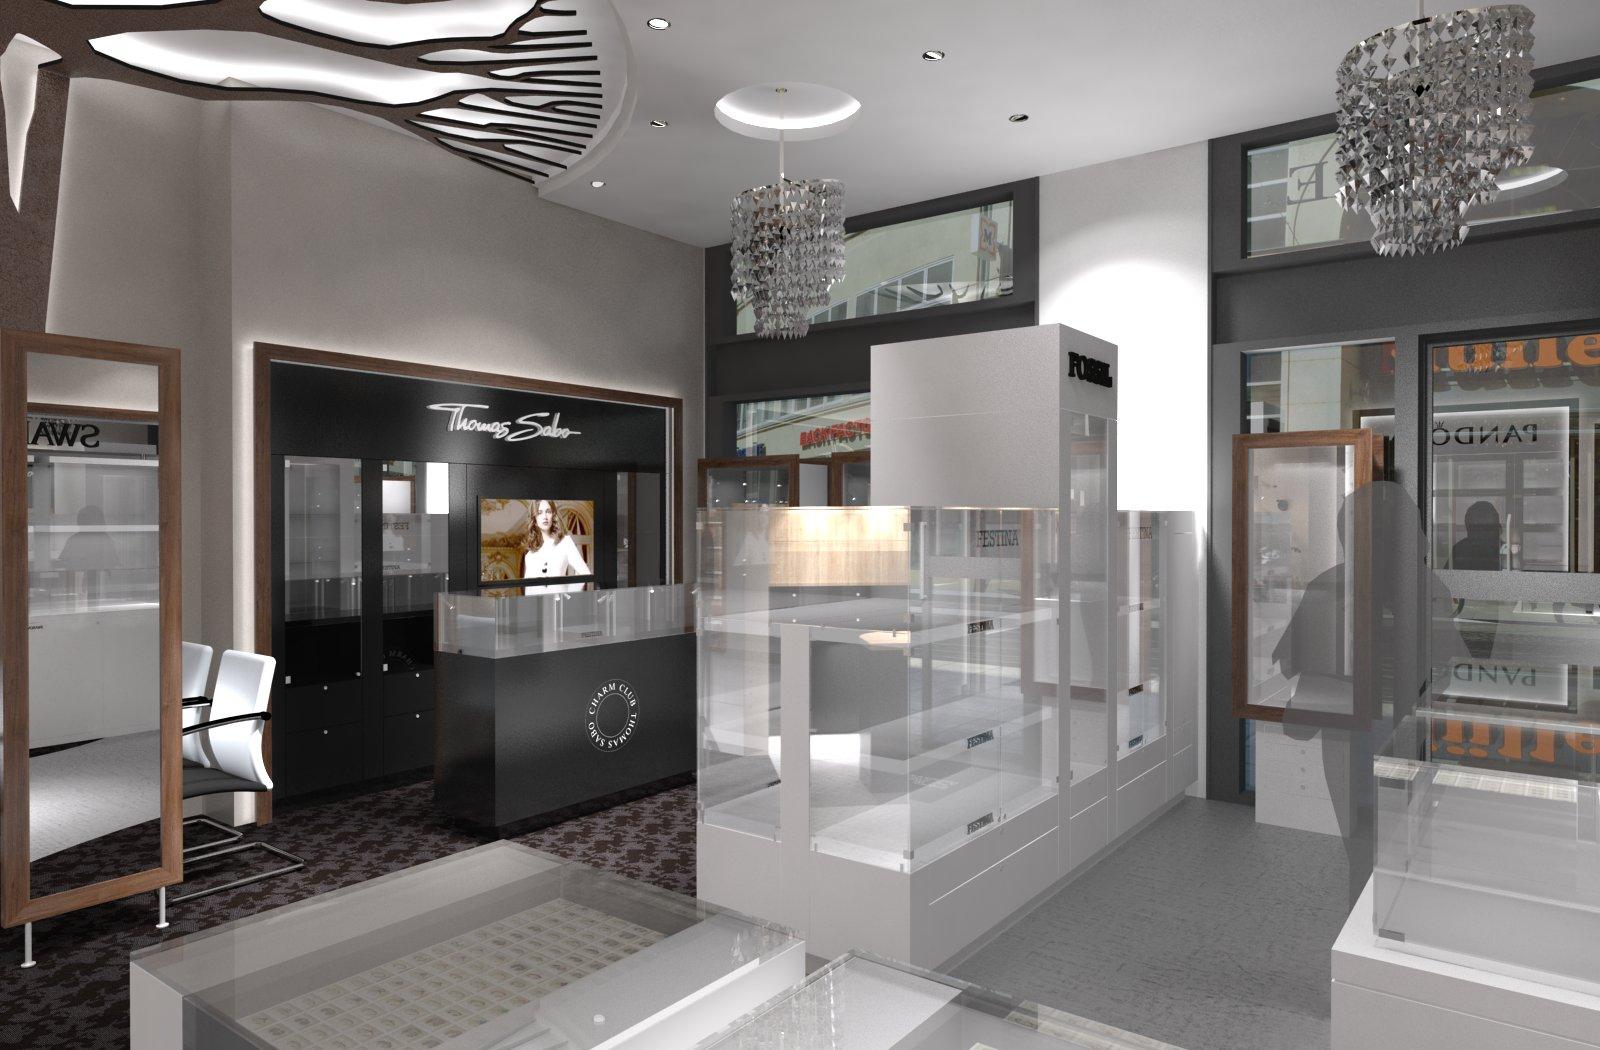 Kreuterweiss innenarchitektur f r showtime juweliere halle for Halle innenarchitektur